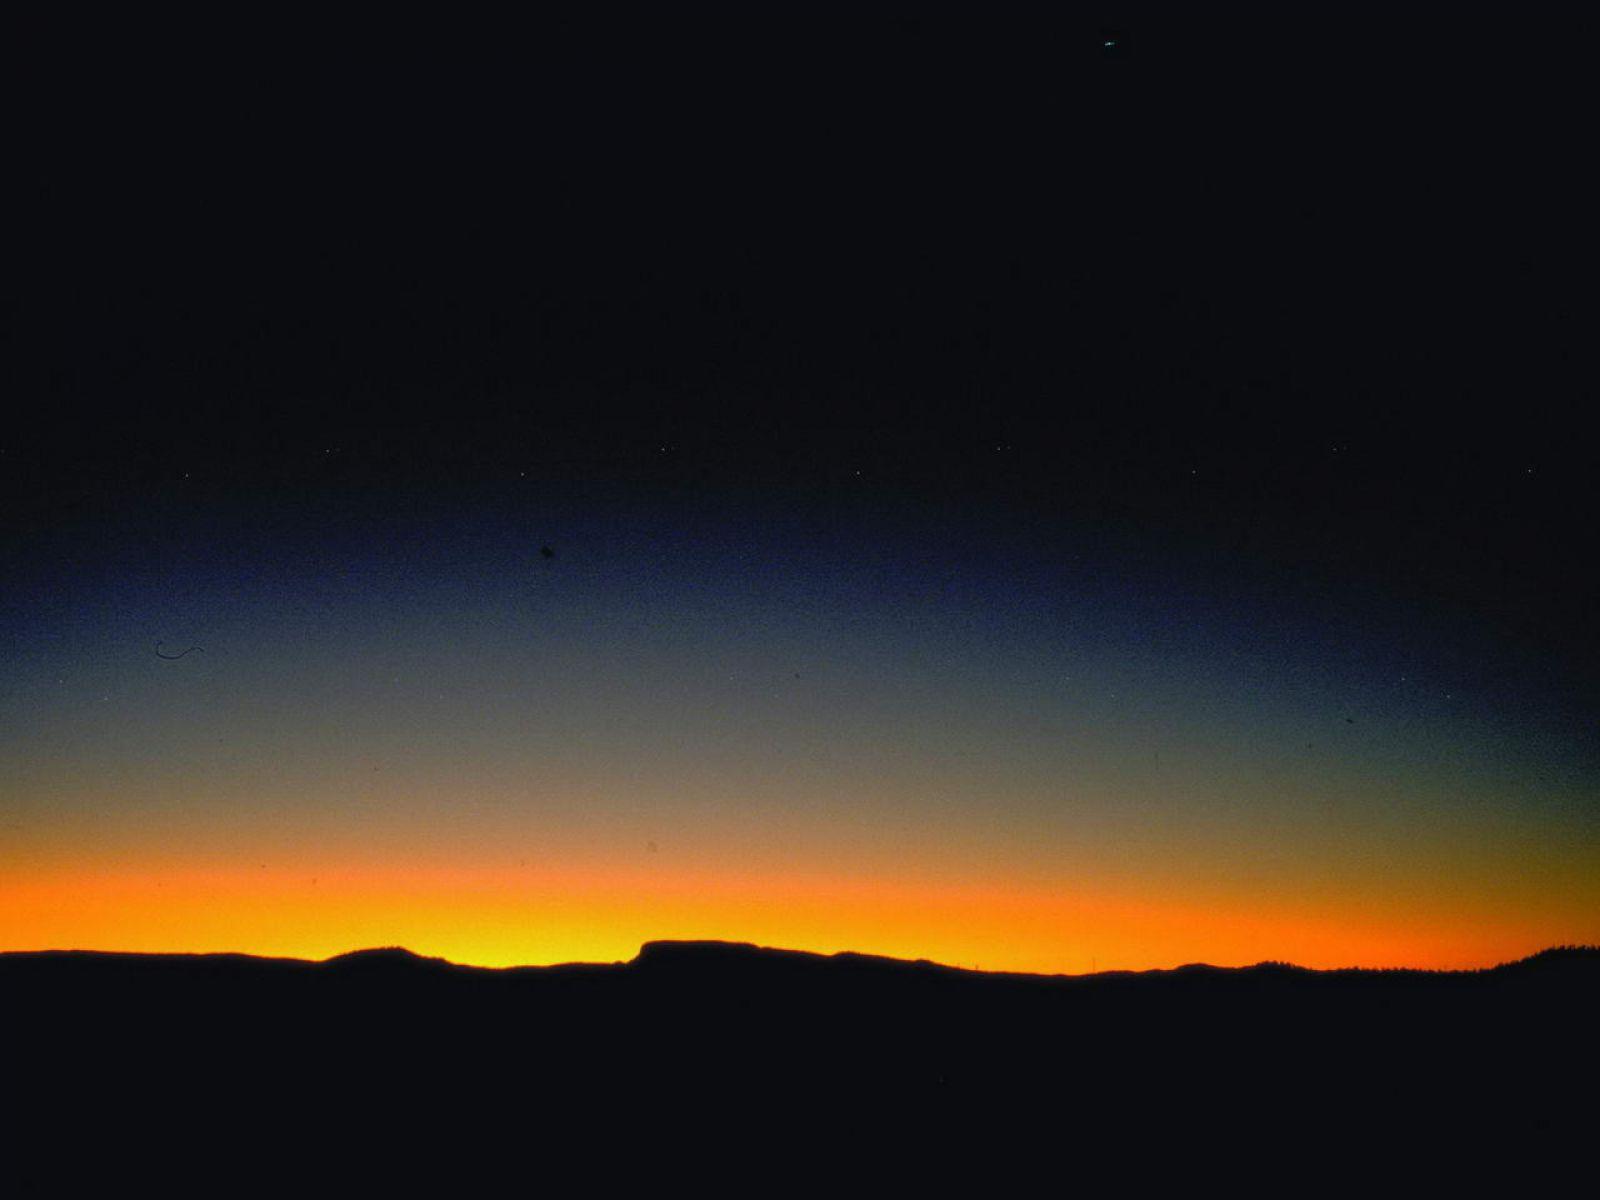 用ps怎样把白天的风景做成傍晚入夜效果?